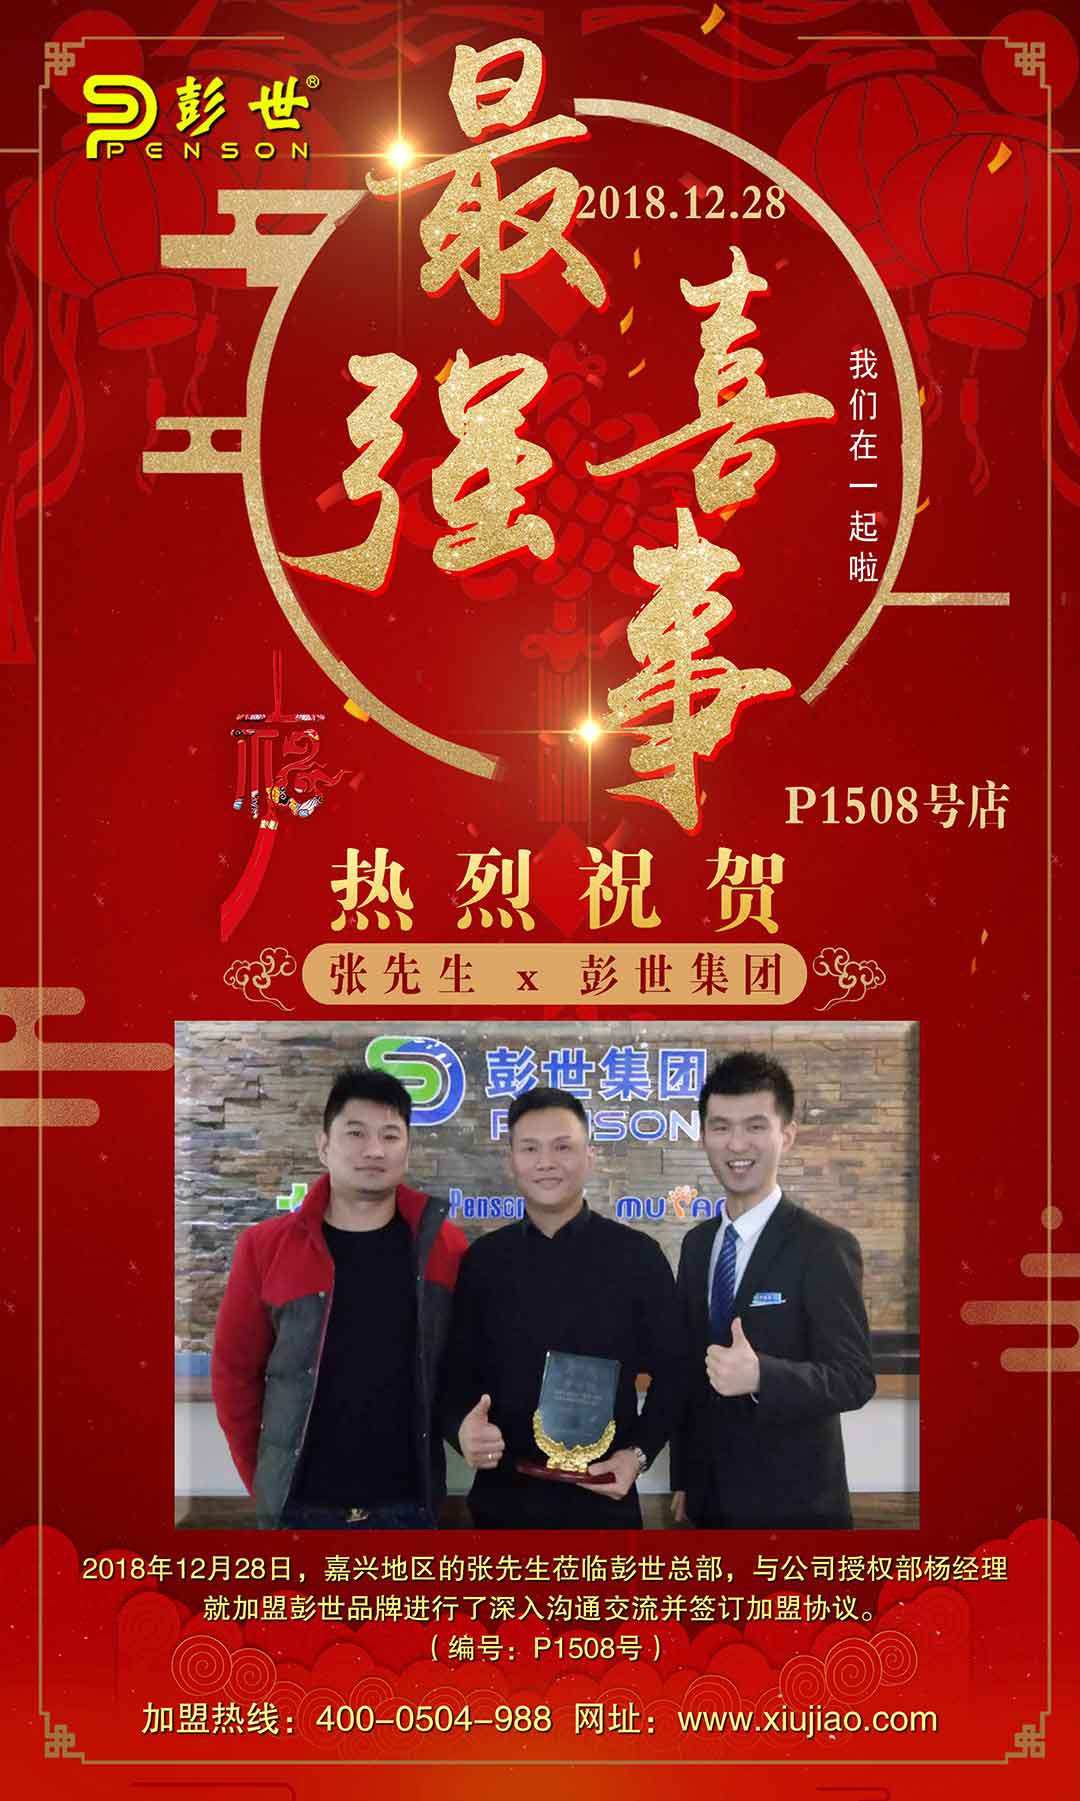 恭喜张先生成功签约嘉兴地区彭世修脚加盟店